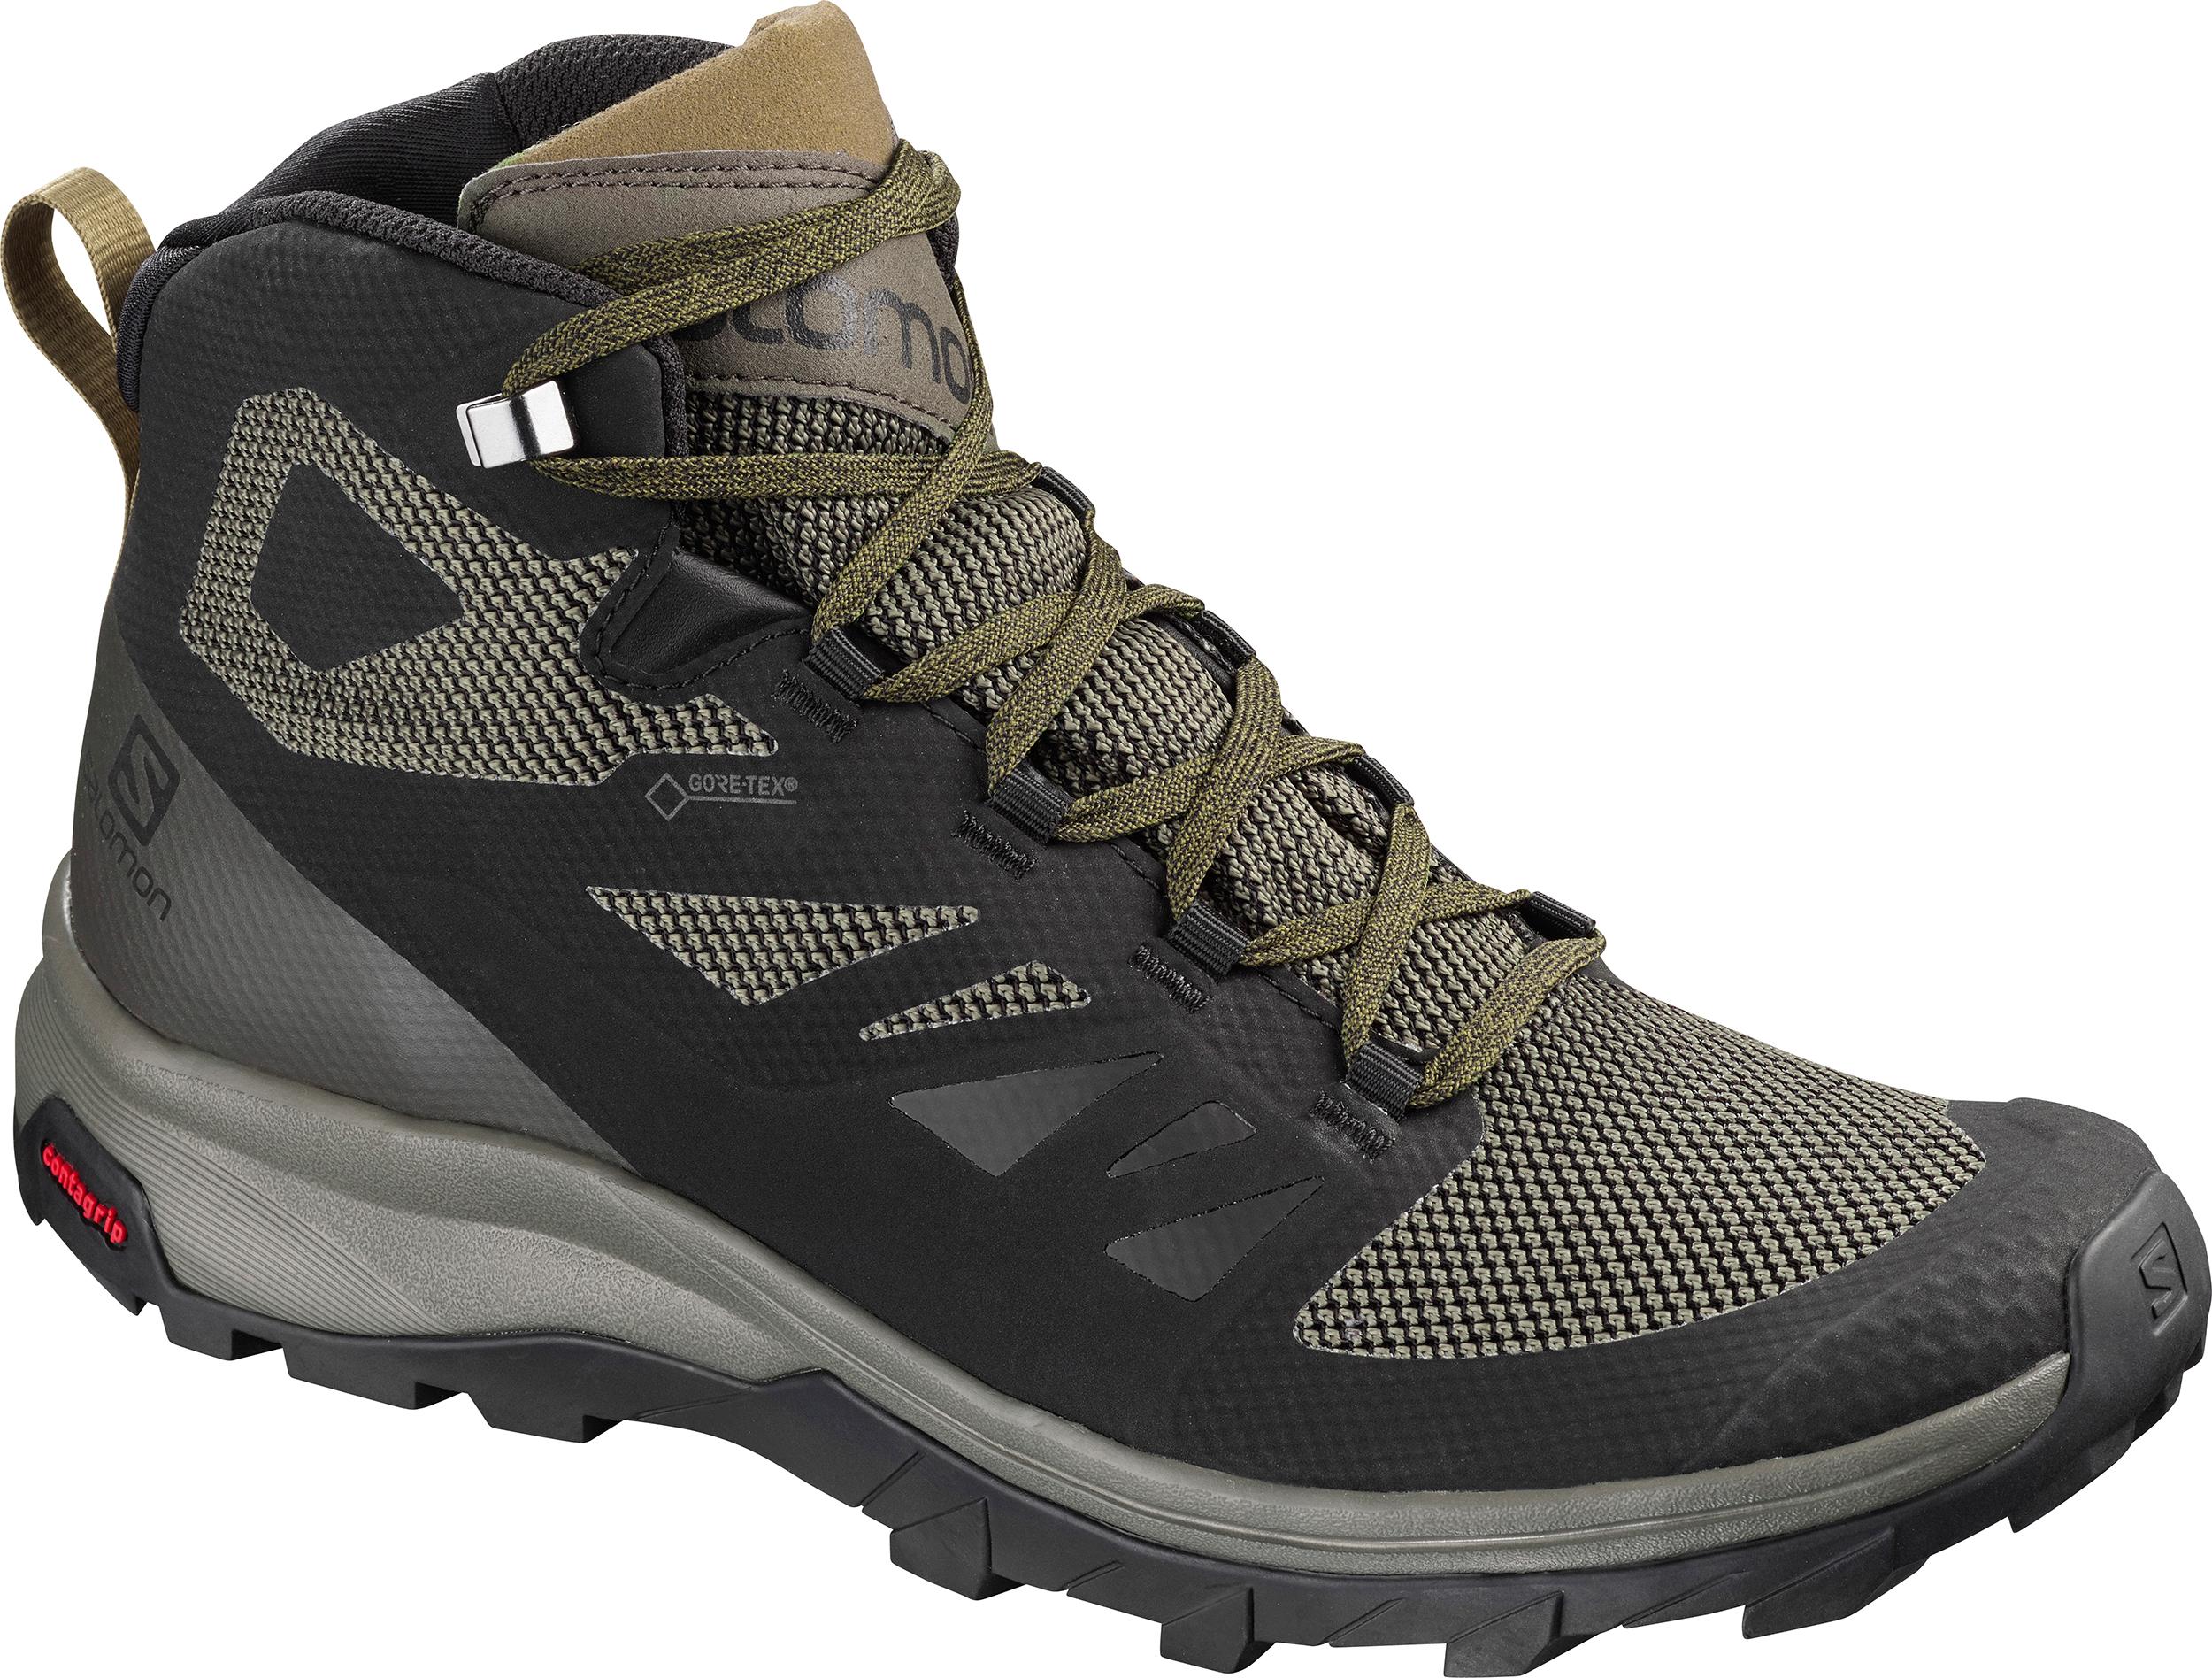 757e7356f4b Salomon Outline Mid Gore-Tex Trail Shoes - Men's